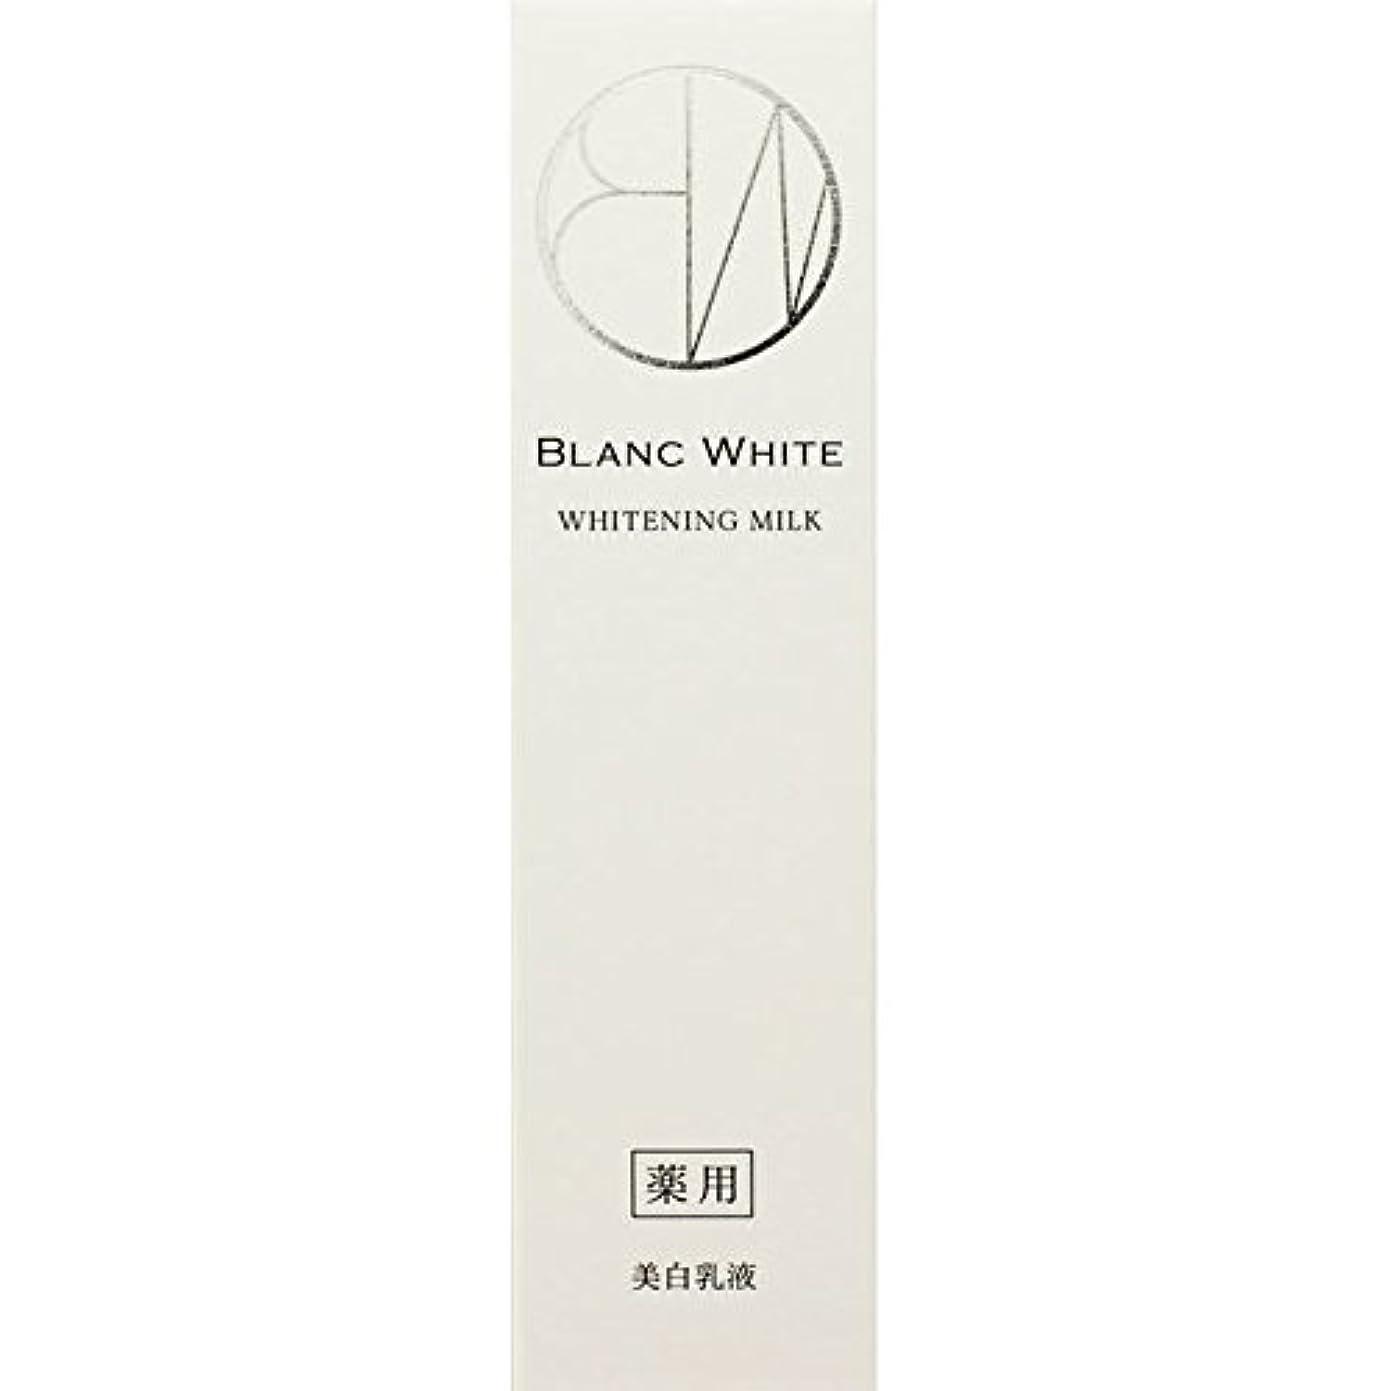 負担インポートローンブランホワイト ホワイトニングミルク 125ml (医薬部外品)